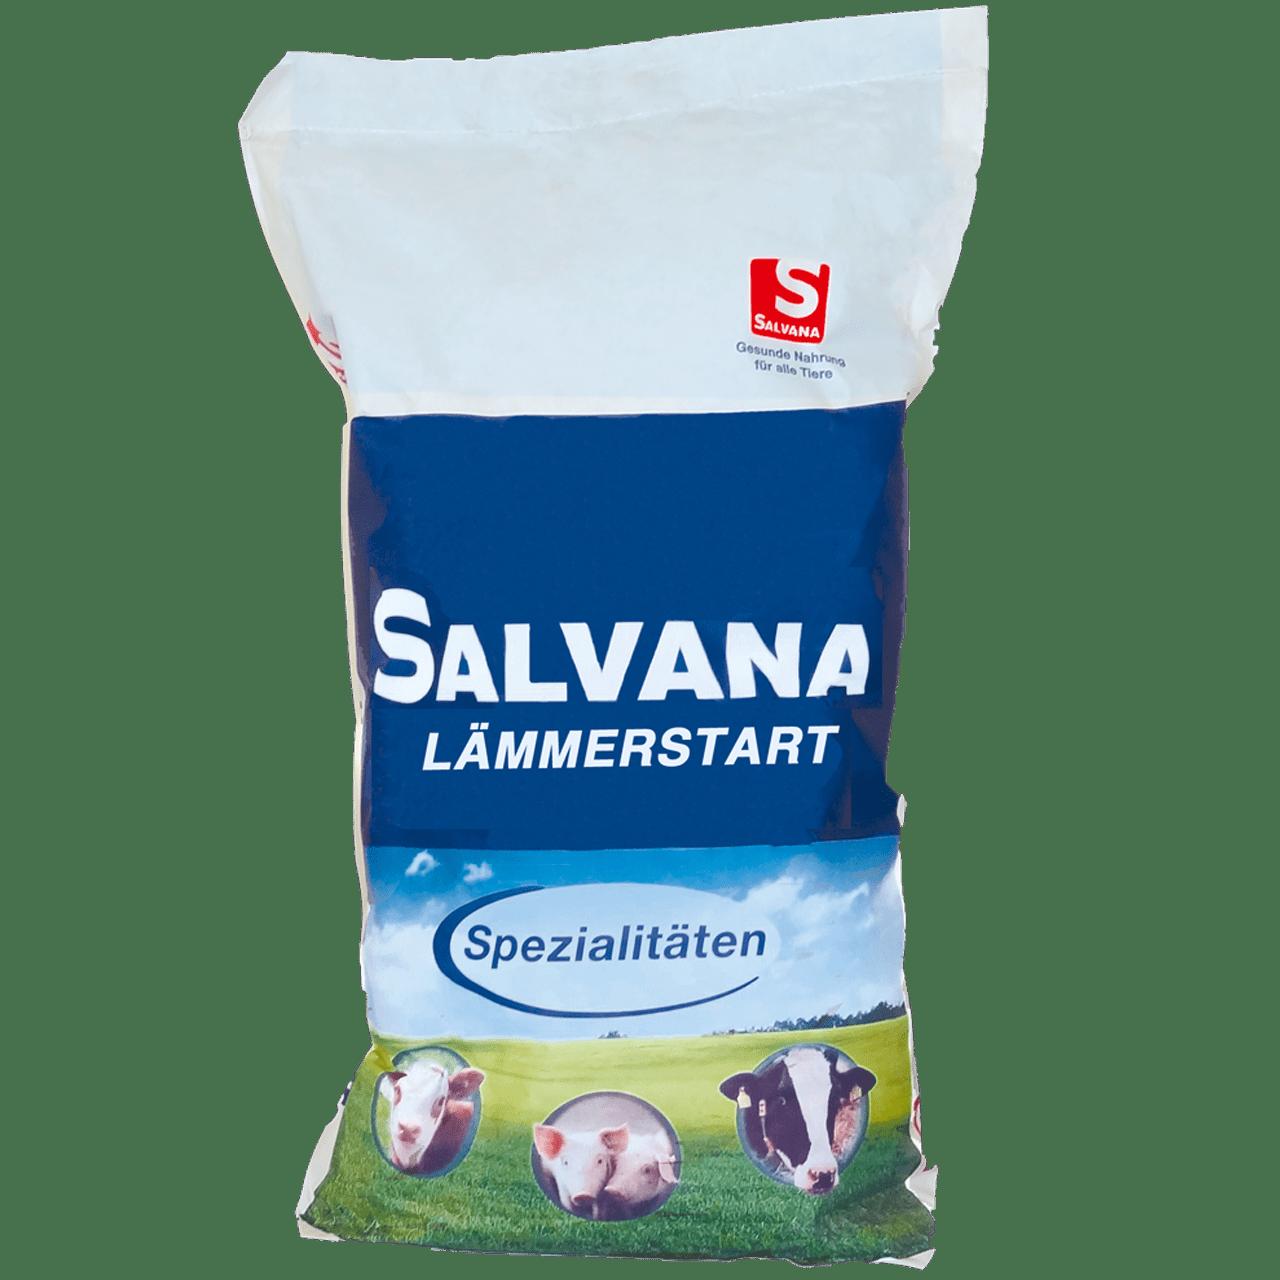 SALVANA LÄMMERSTART